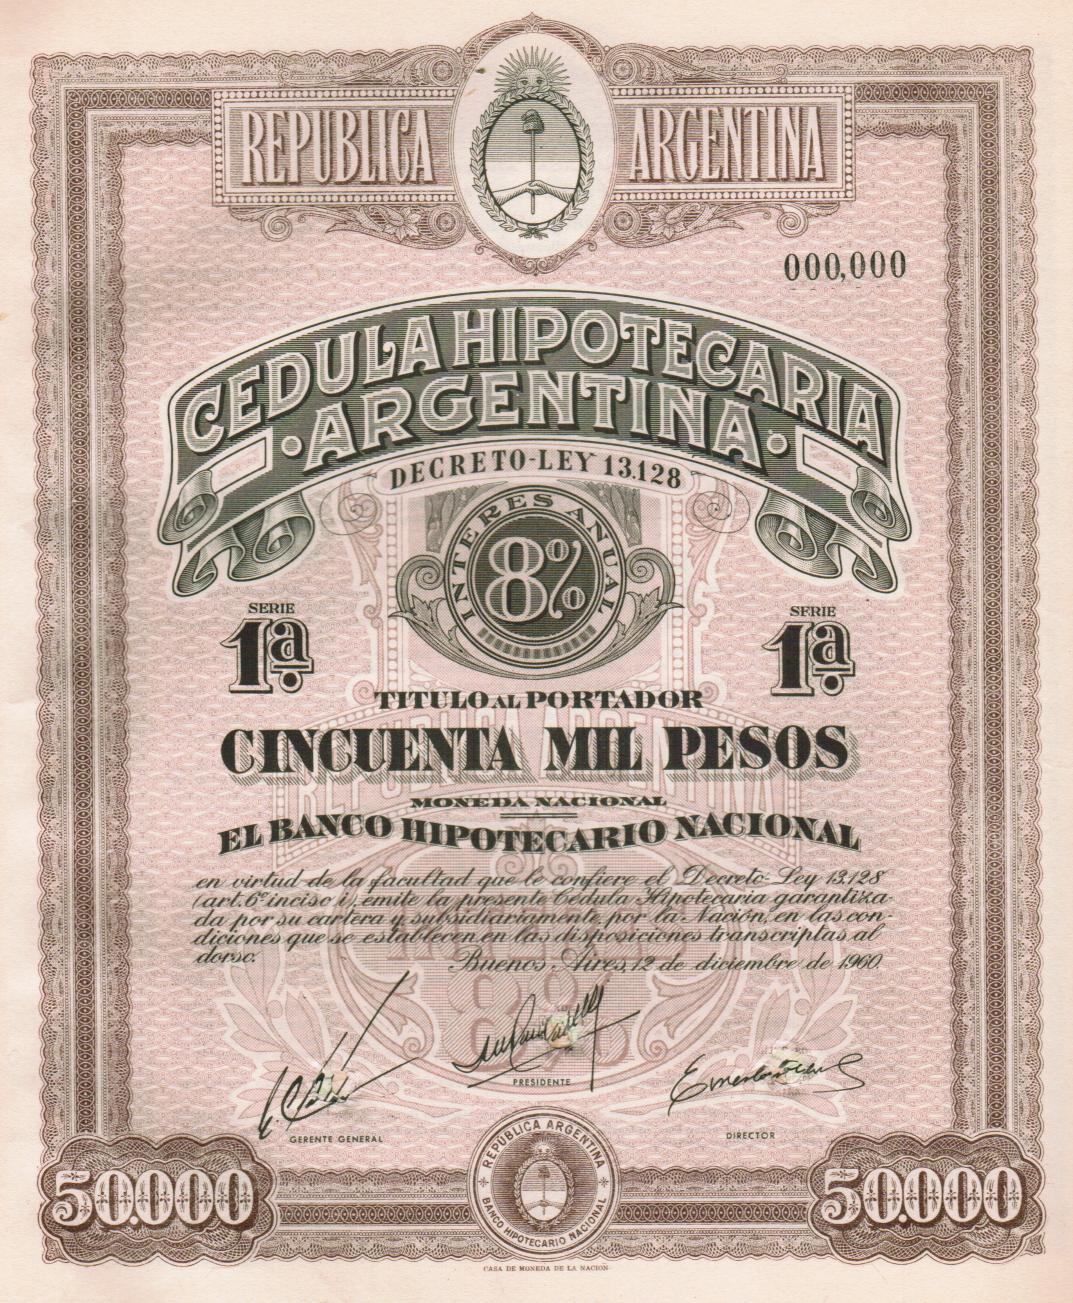 """Resultado de imagen para Cédulas hipotecarias en 1890"""""""